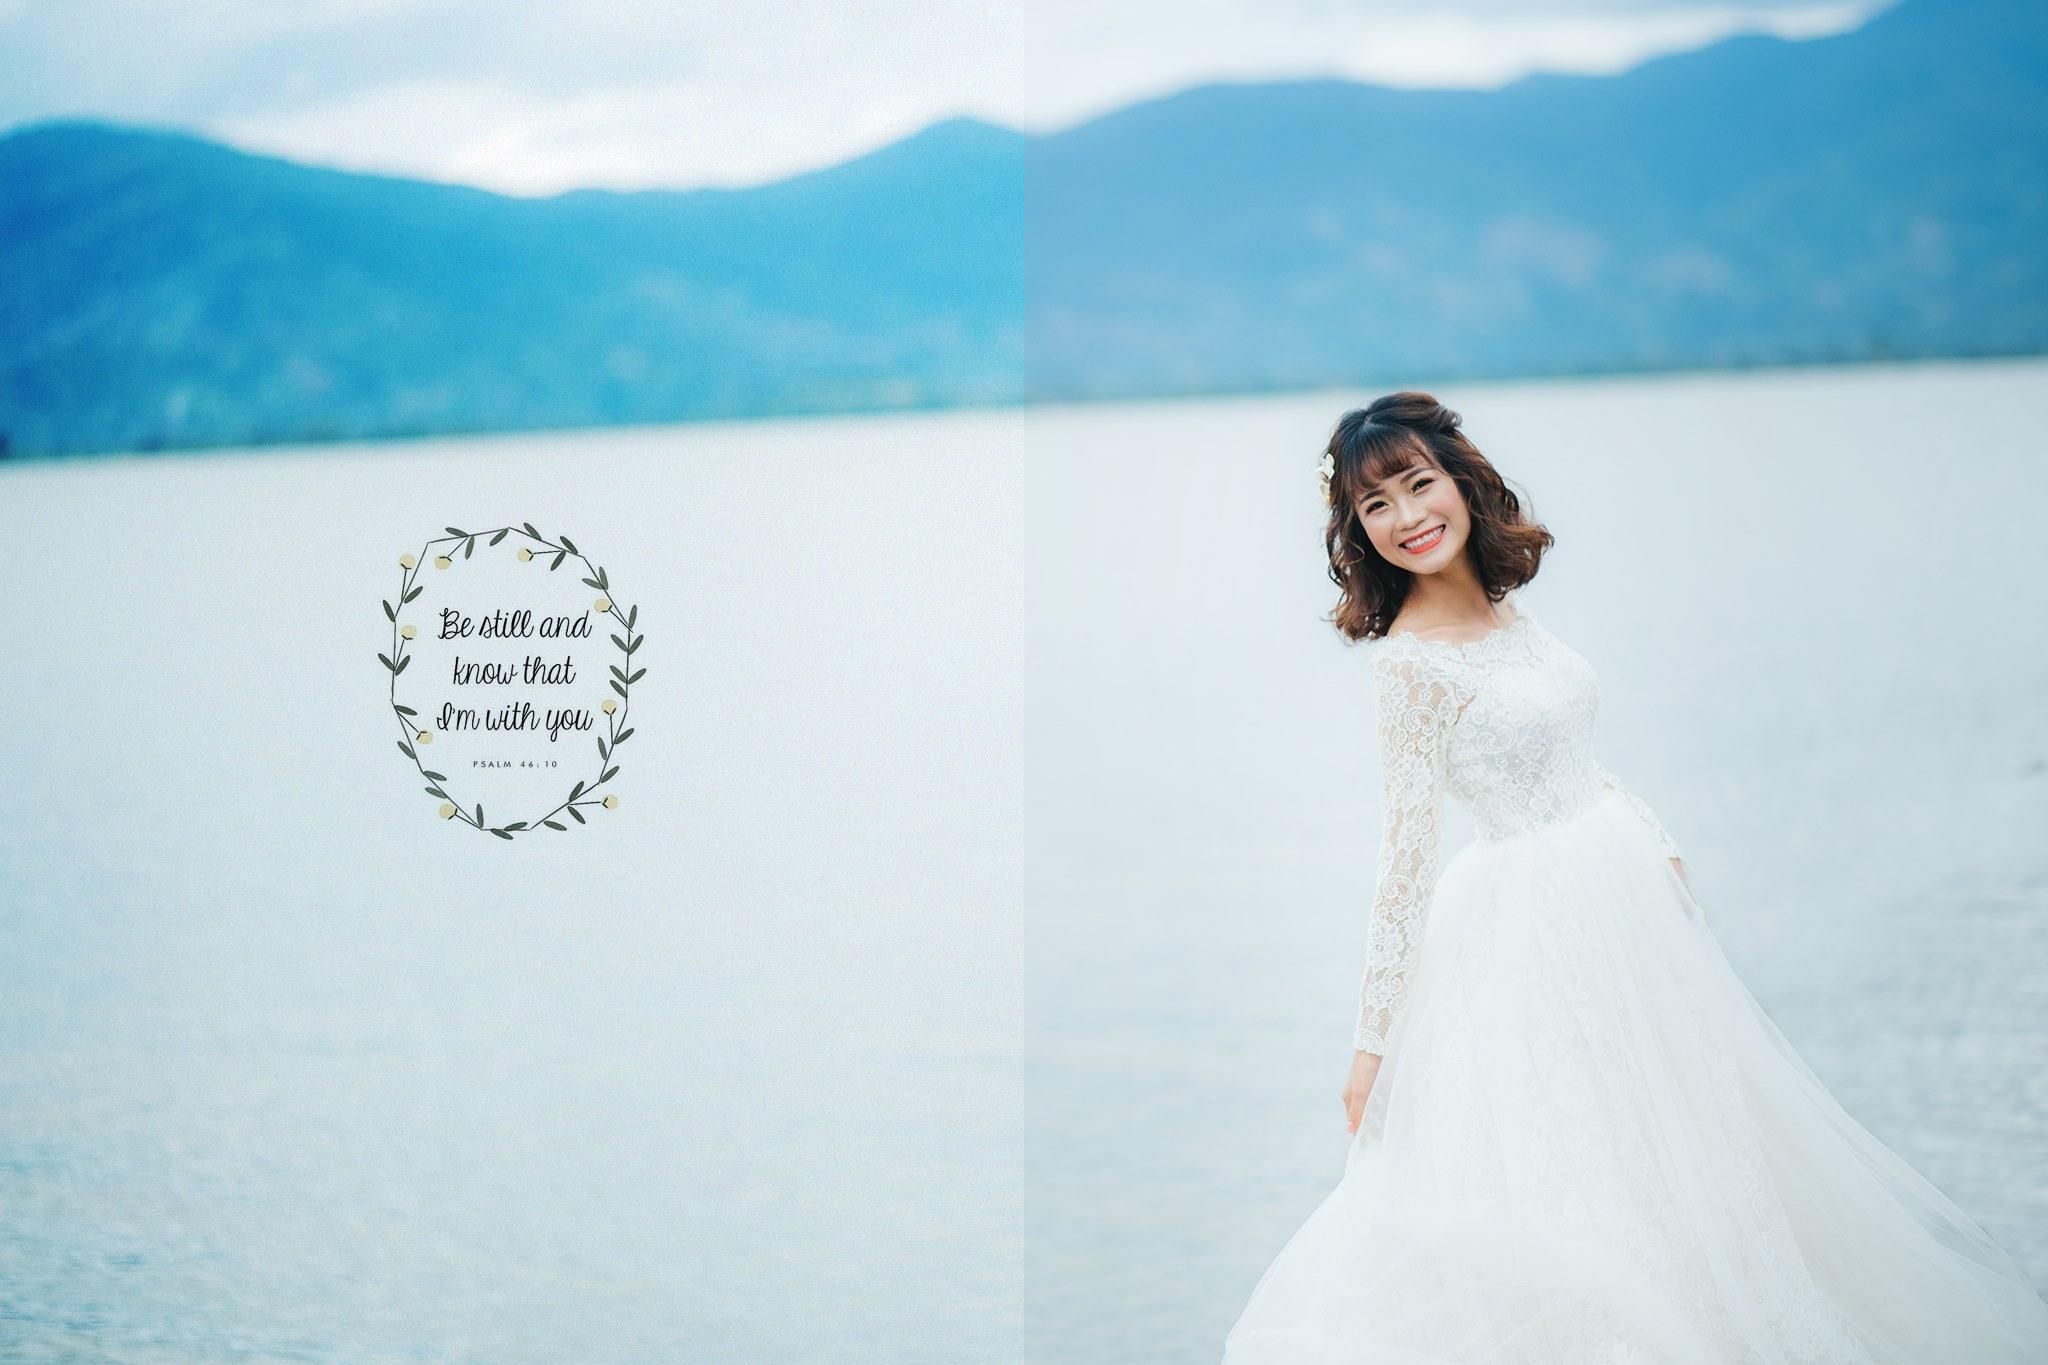 chụp ảnh ngoại cảnh tại bmt , chụp ảnh cưới tại lắk , chụp ảnh cưới buôn ma thuột , hồ lak ,